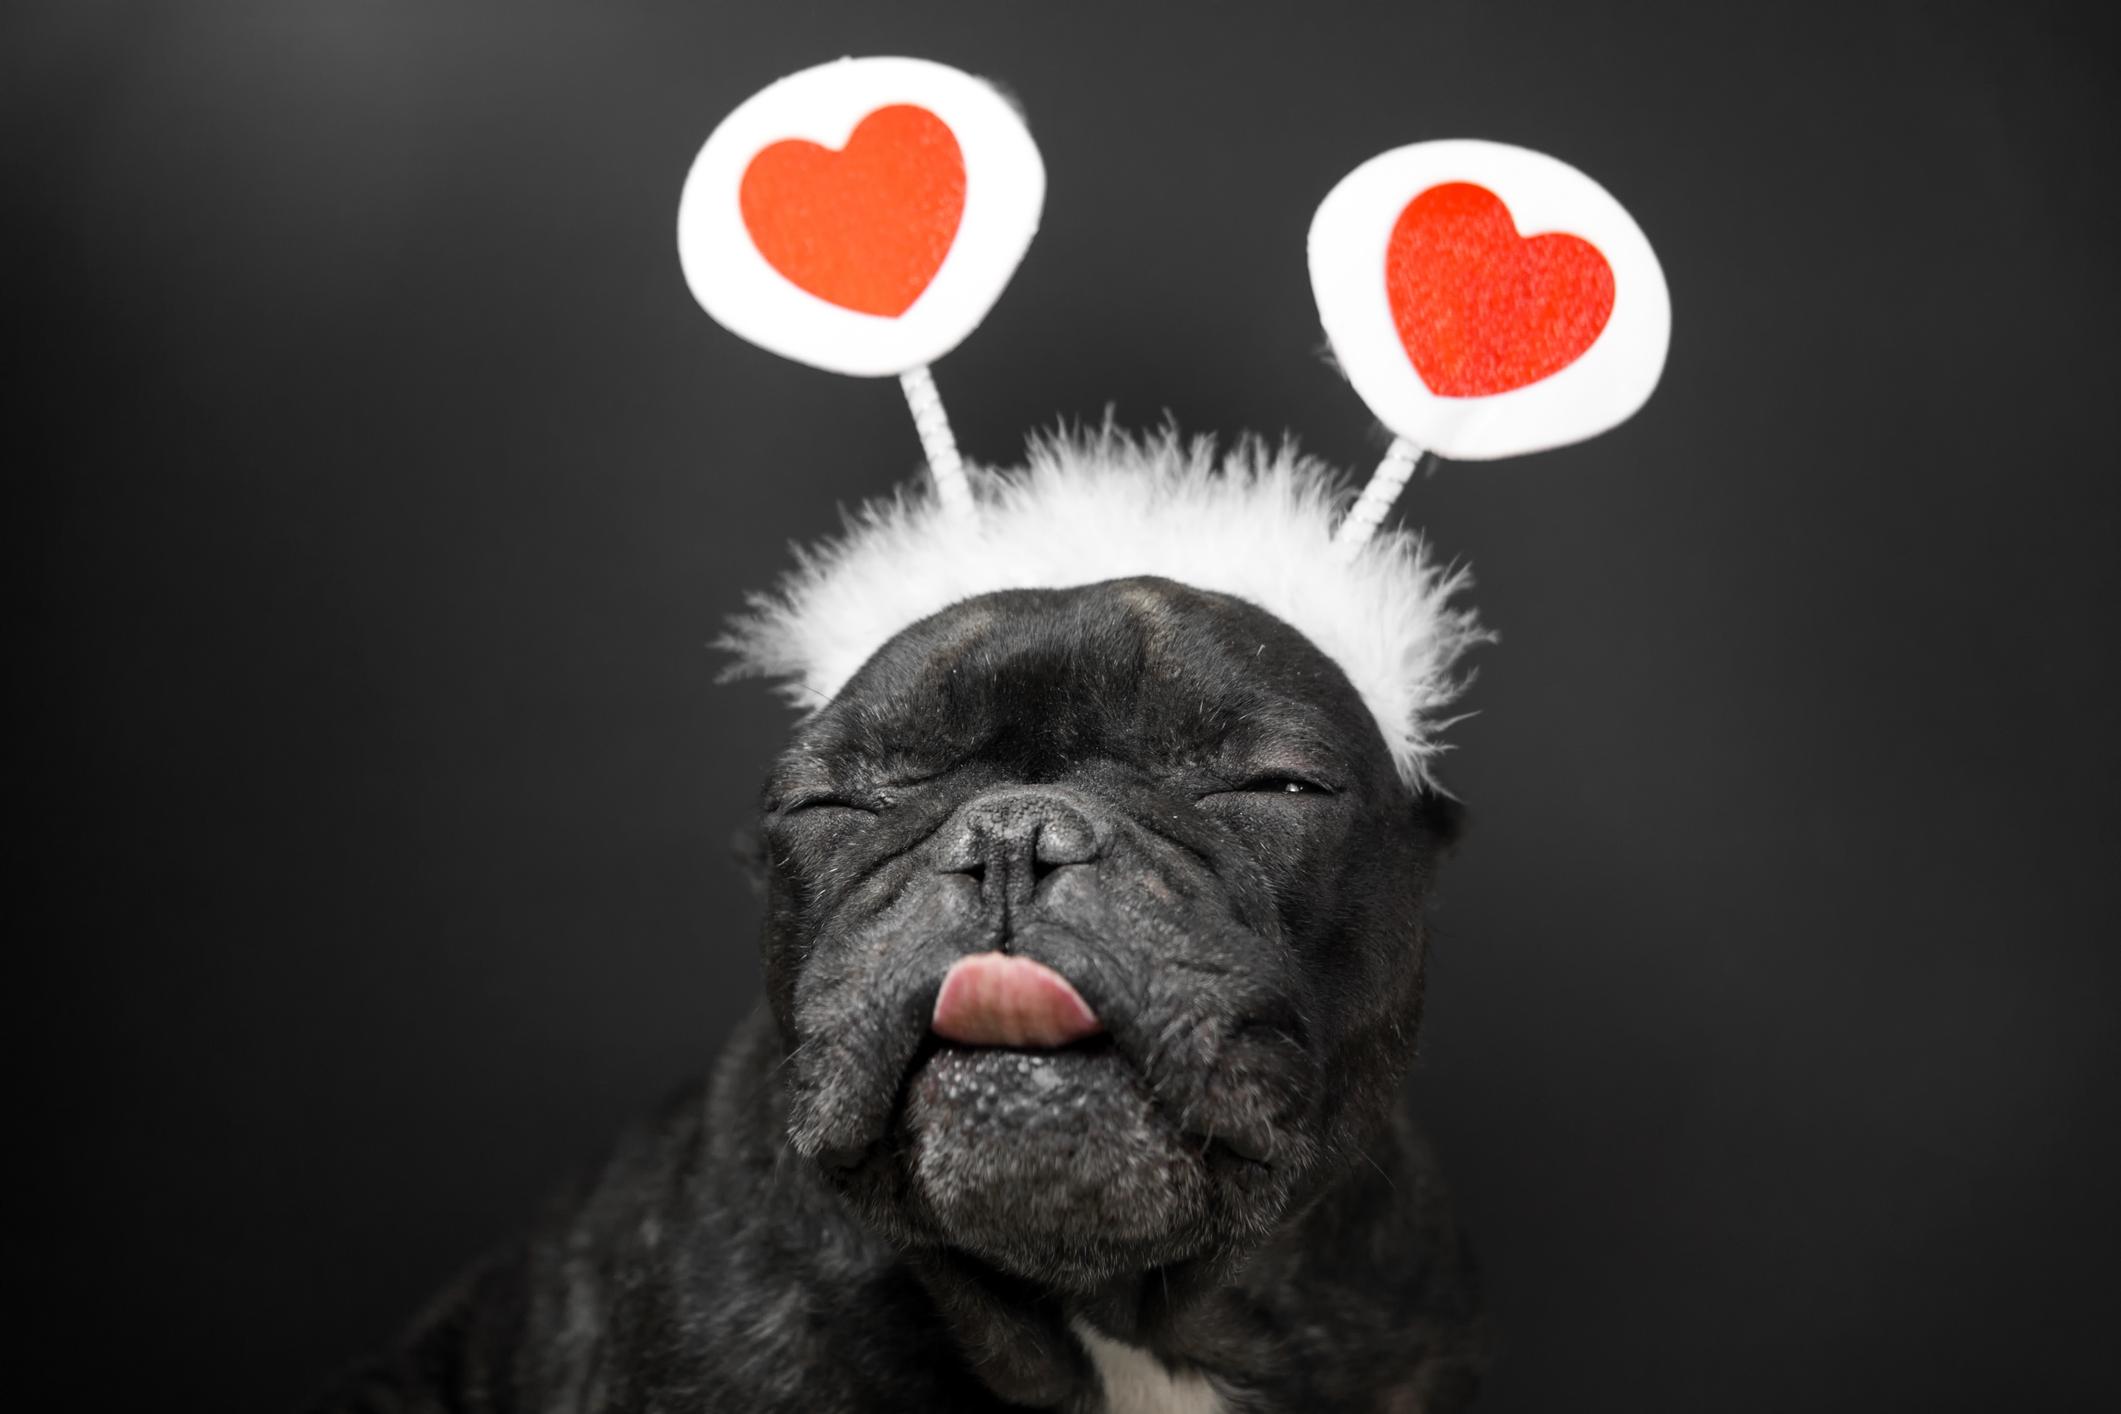 cachorro fantasia carnaval cupido